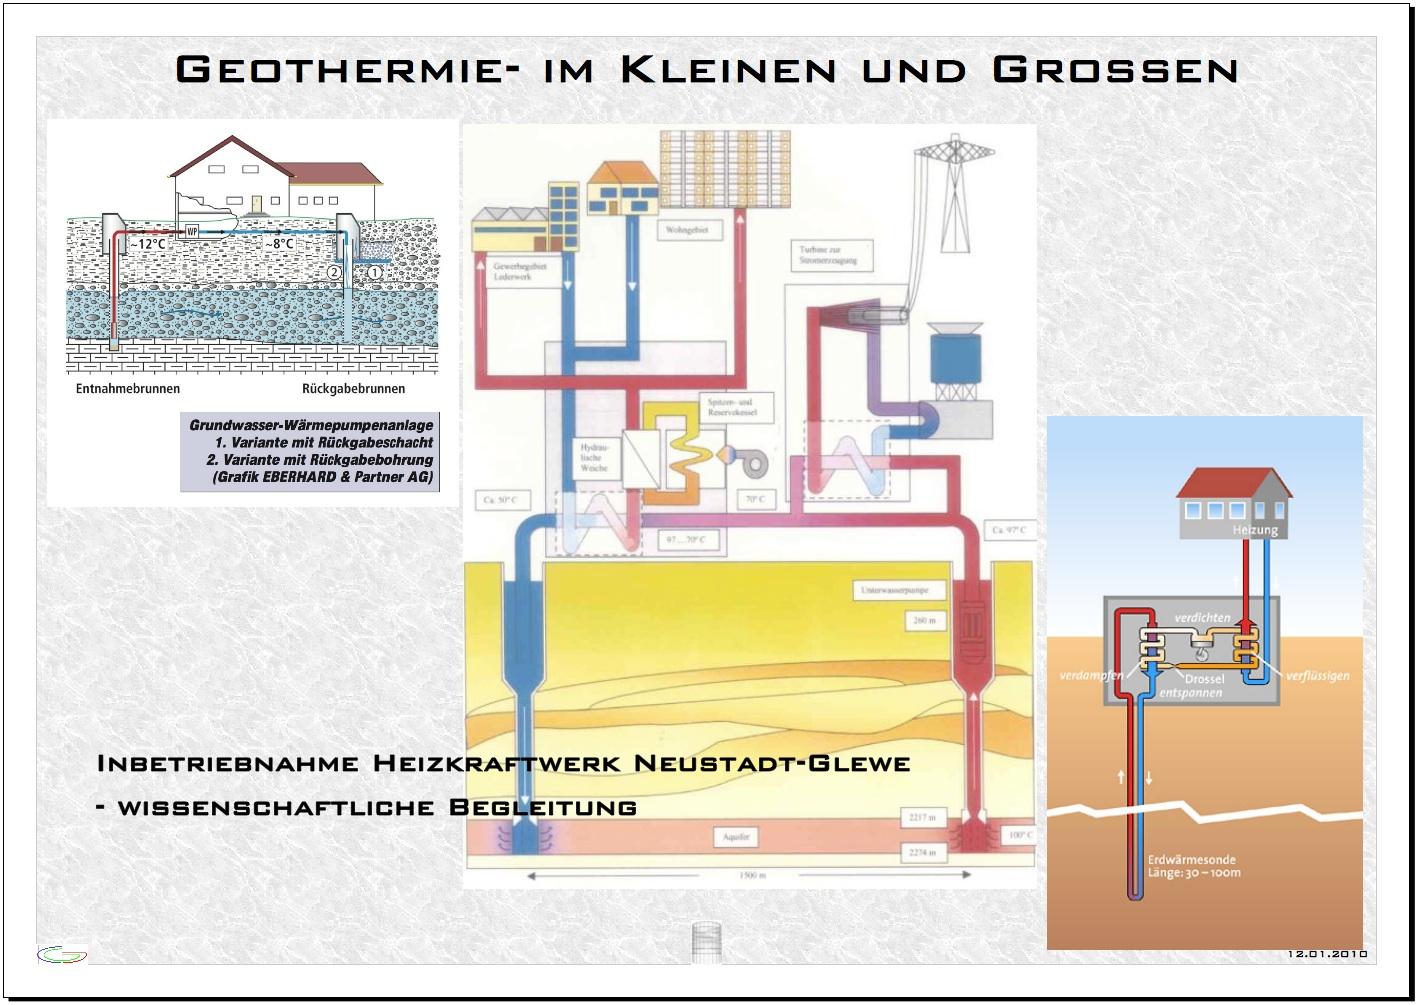 geothermie w rmetauscher der zukunft als dezentrale energieproduktion erdoelzeitalter home. Black Bedroom Furniture Sets. Home Design Ideas